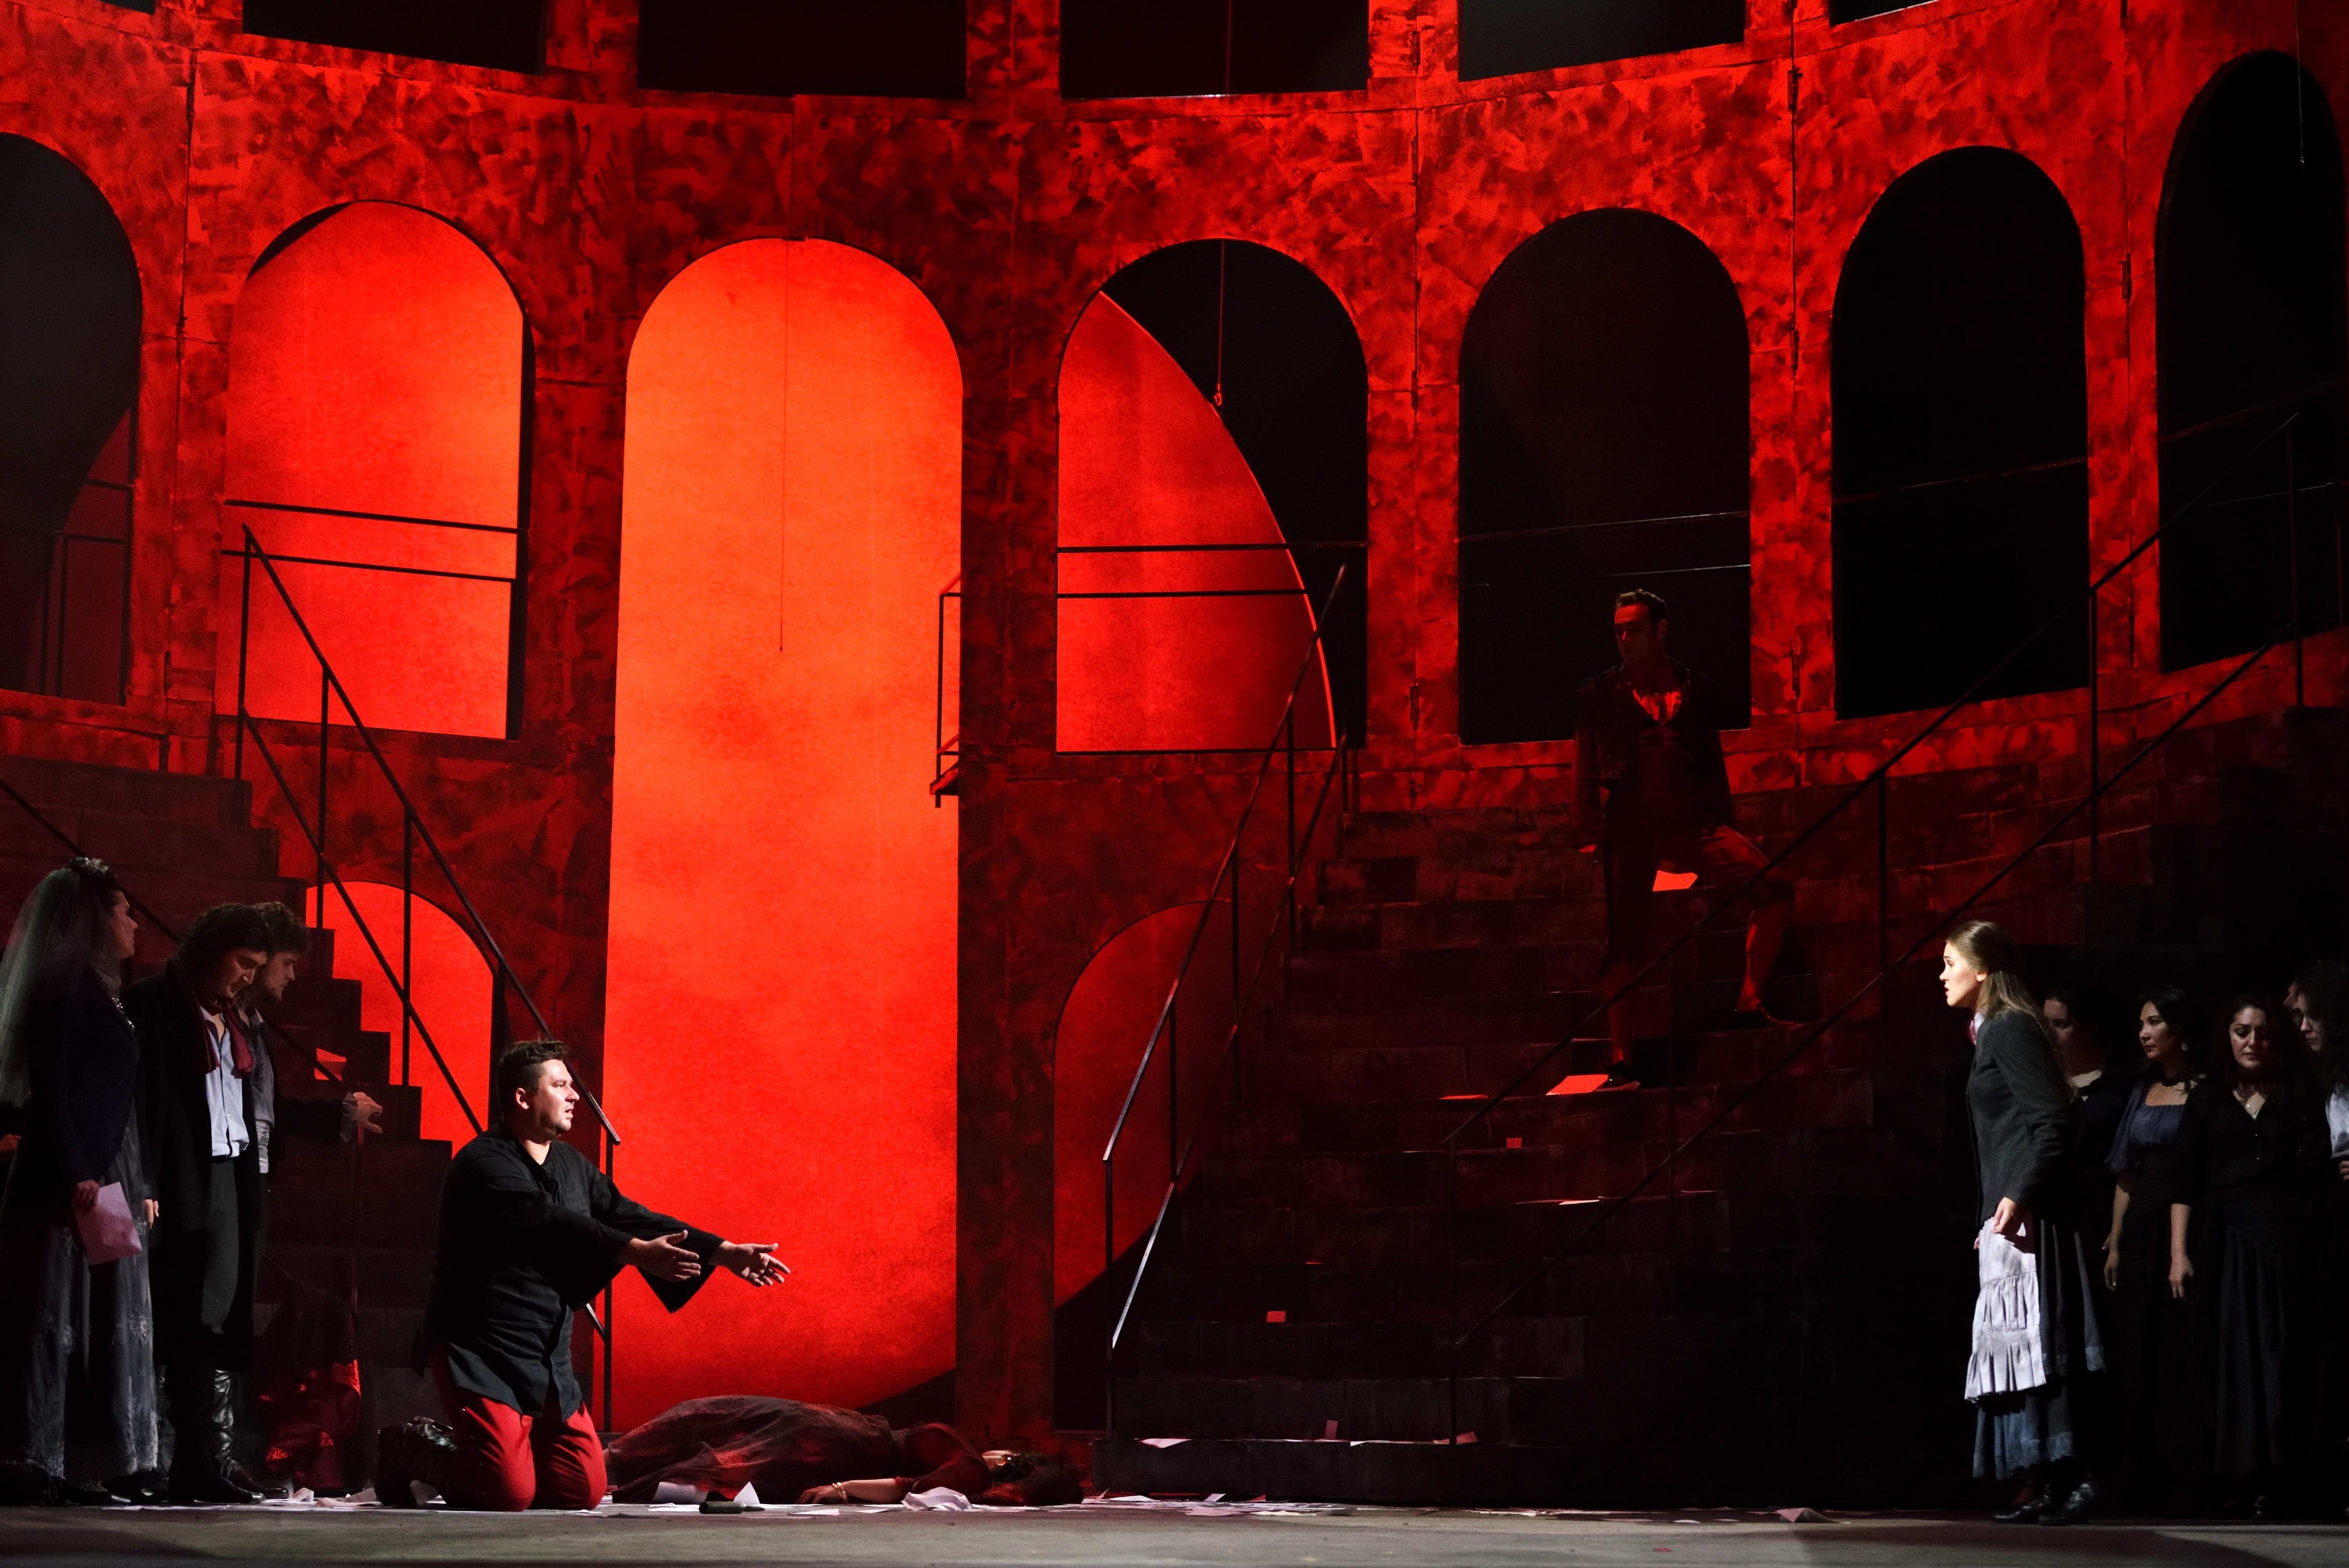 Премьера! 12 сентября на сцене Большого зала опера «Кармен» Ж. Бизе